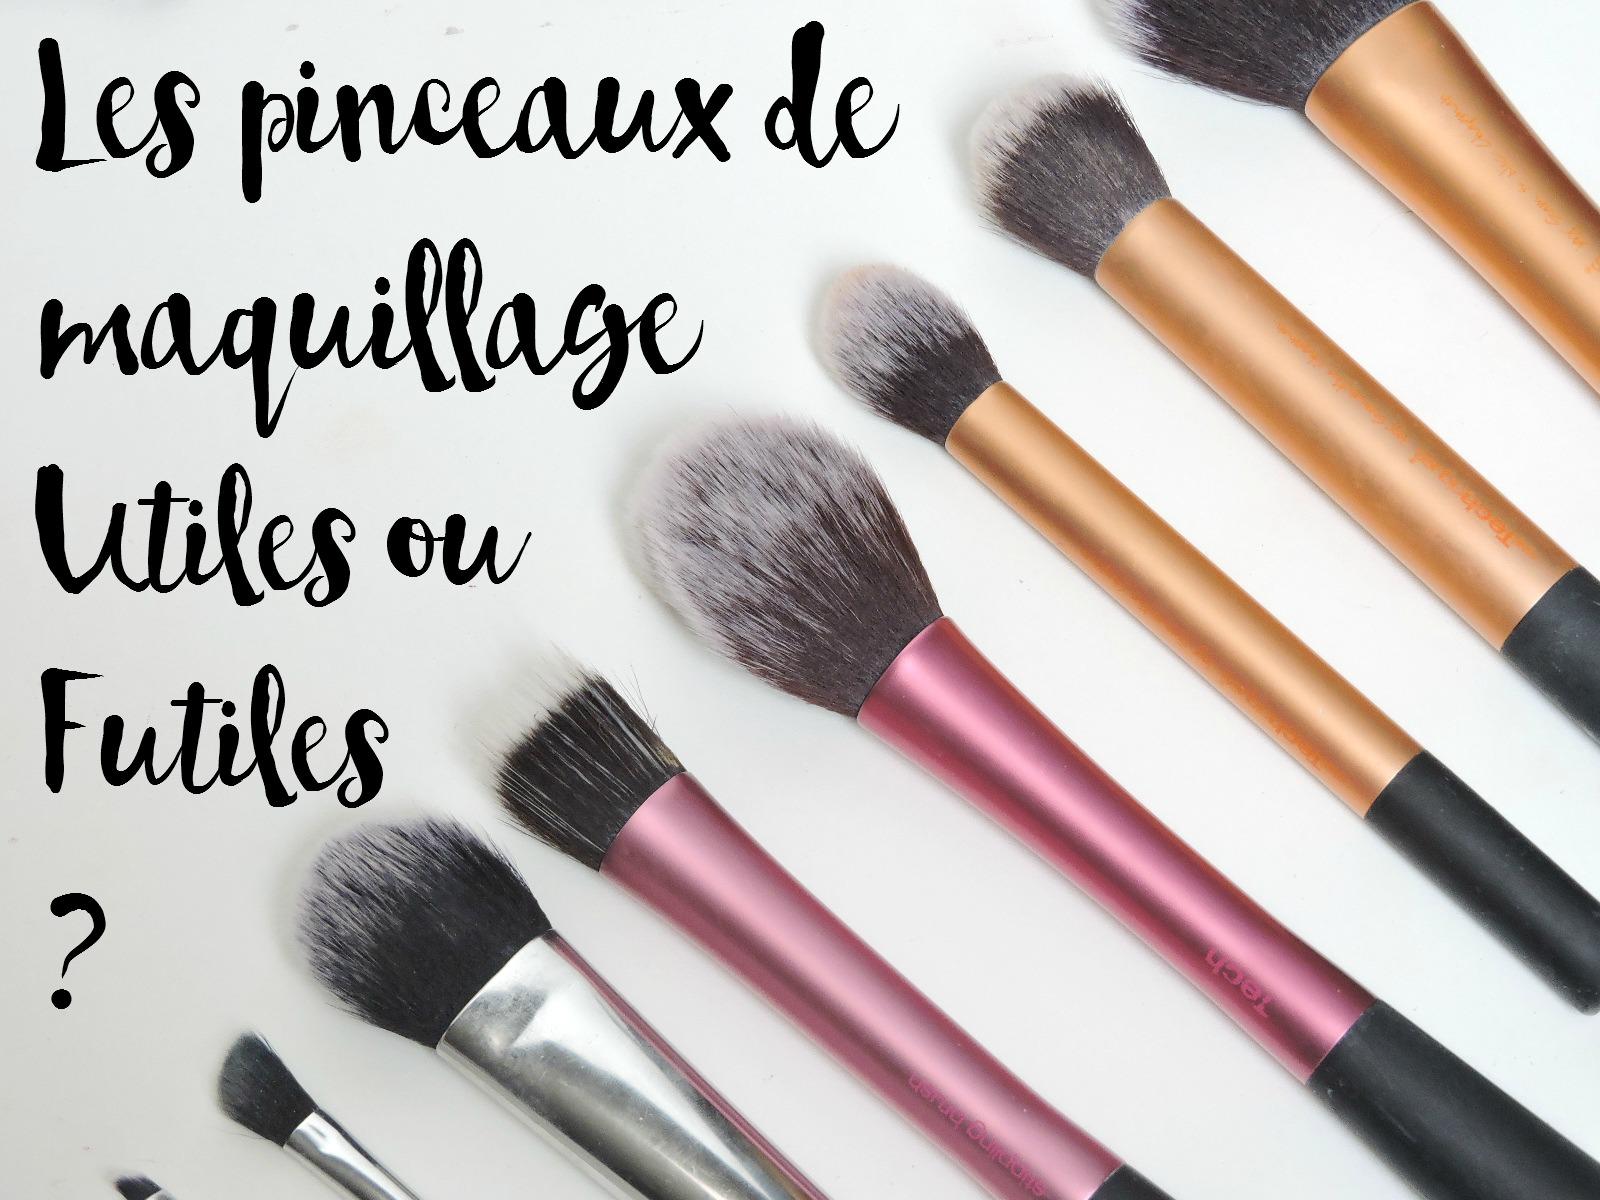 Les pinceaux de maquillage utiles ou futiles la - Utilisation pinceaux maquillage ...